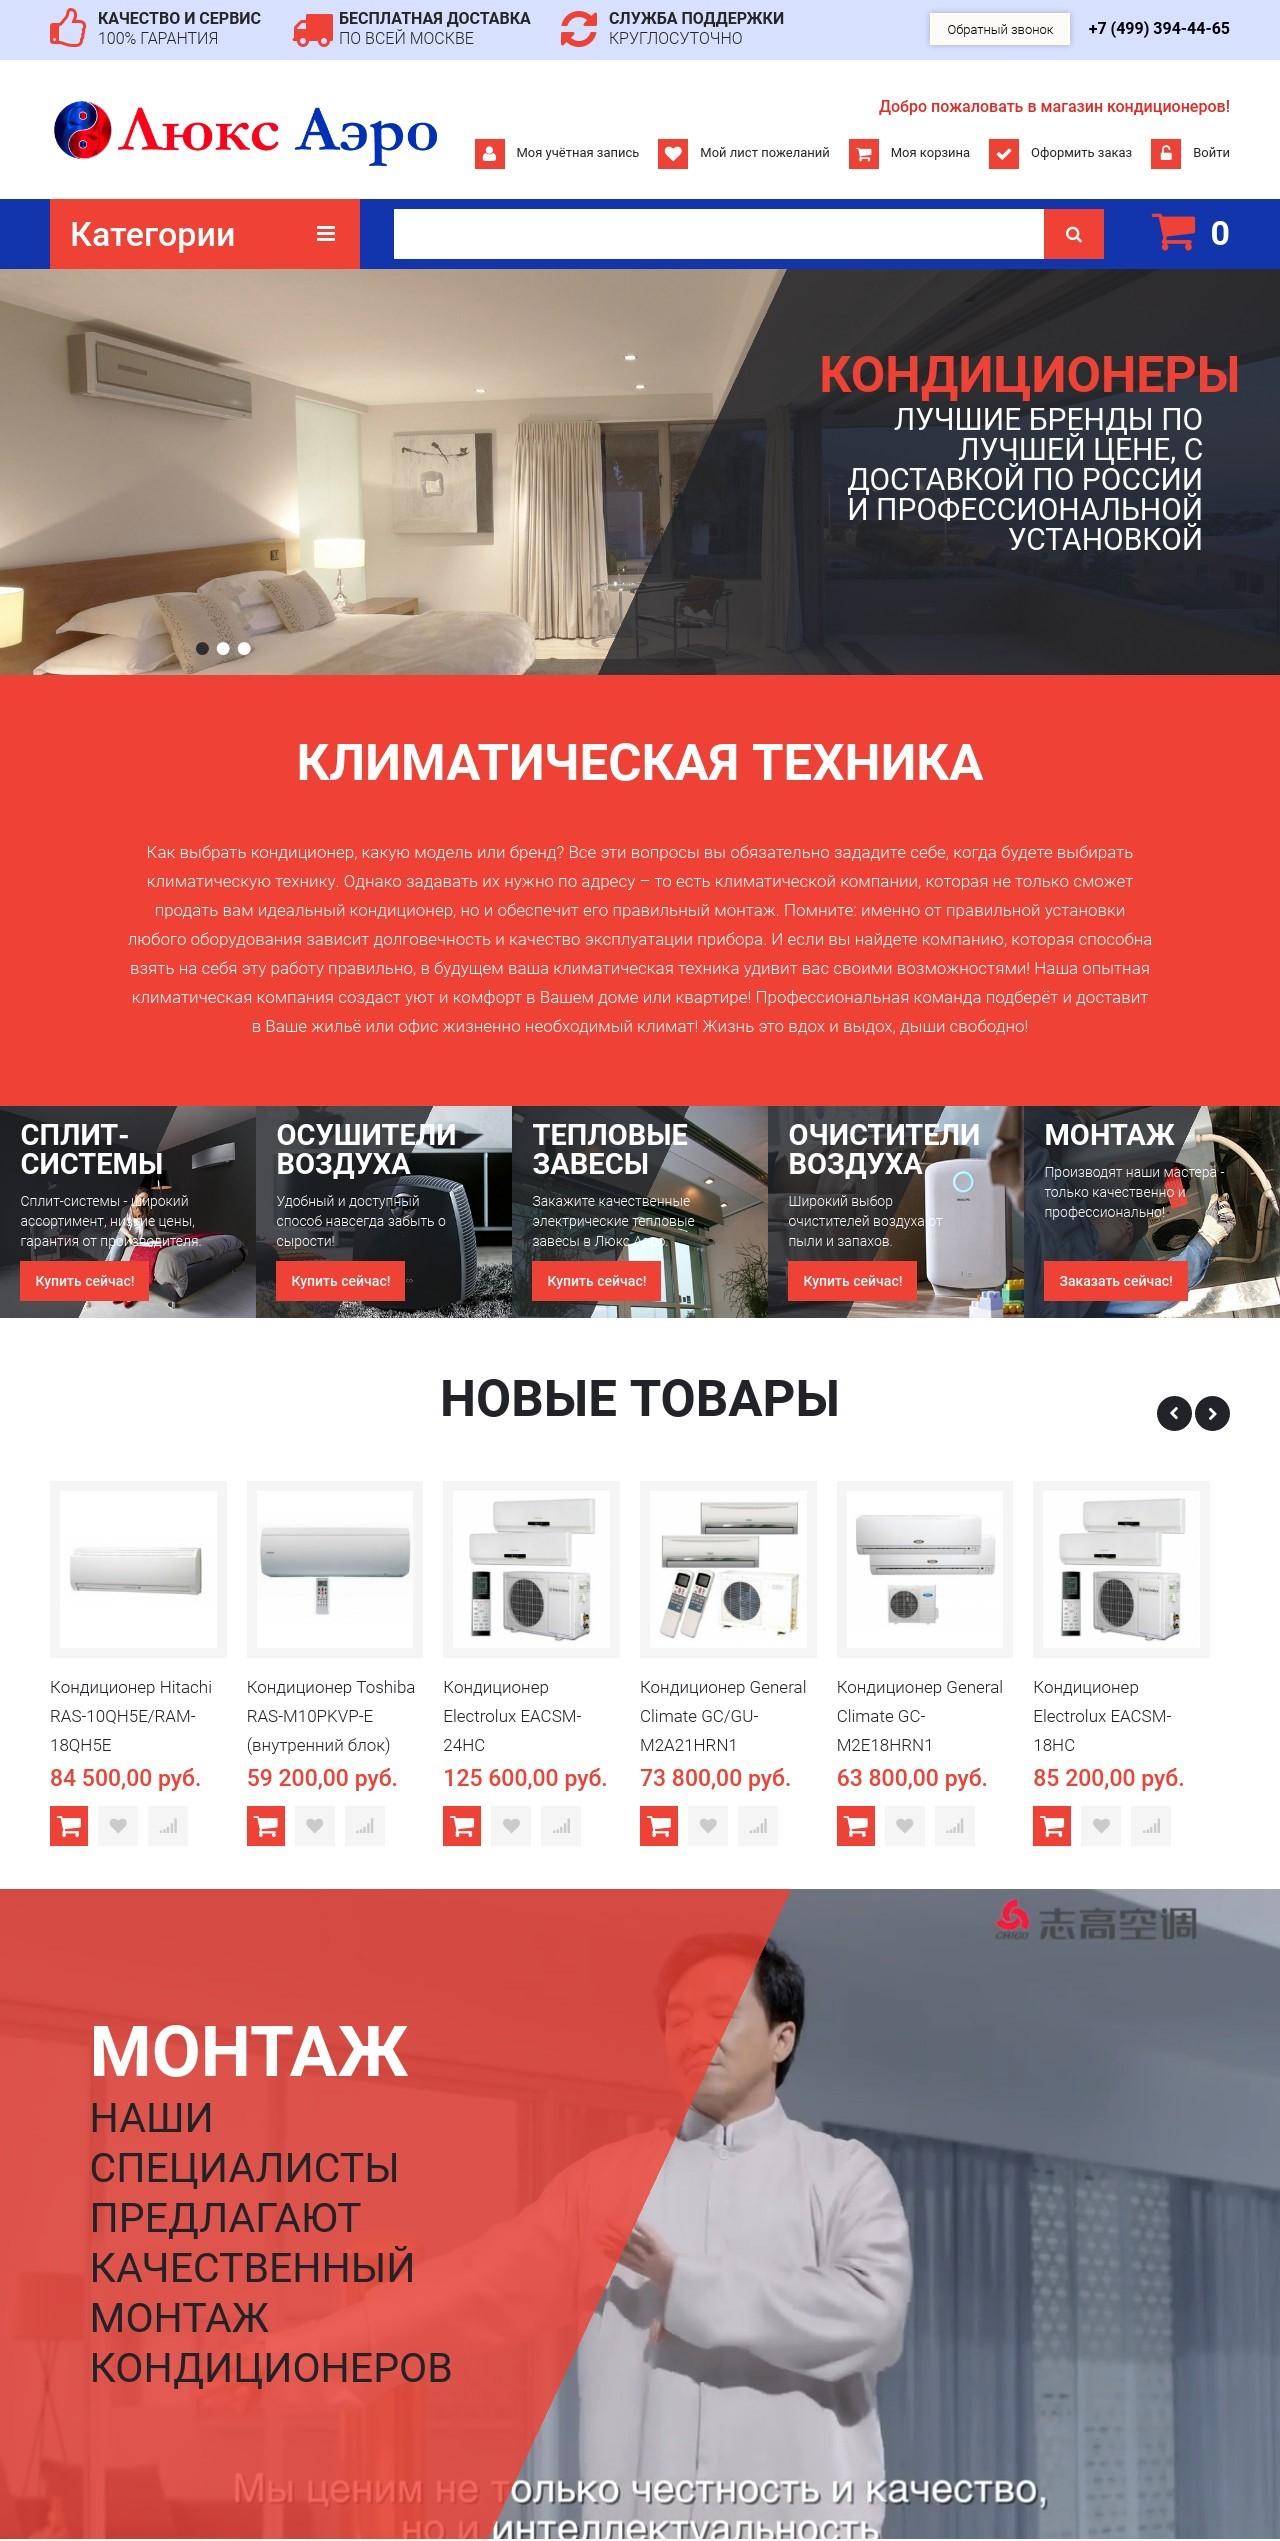 Создание интернет магазина кондиционеров в Интеллект